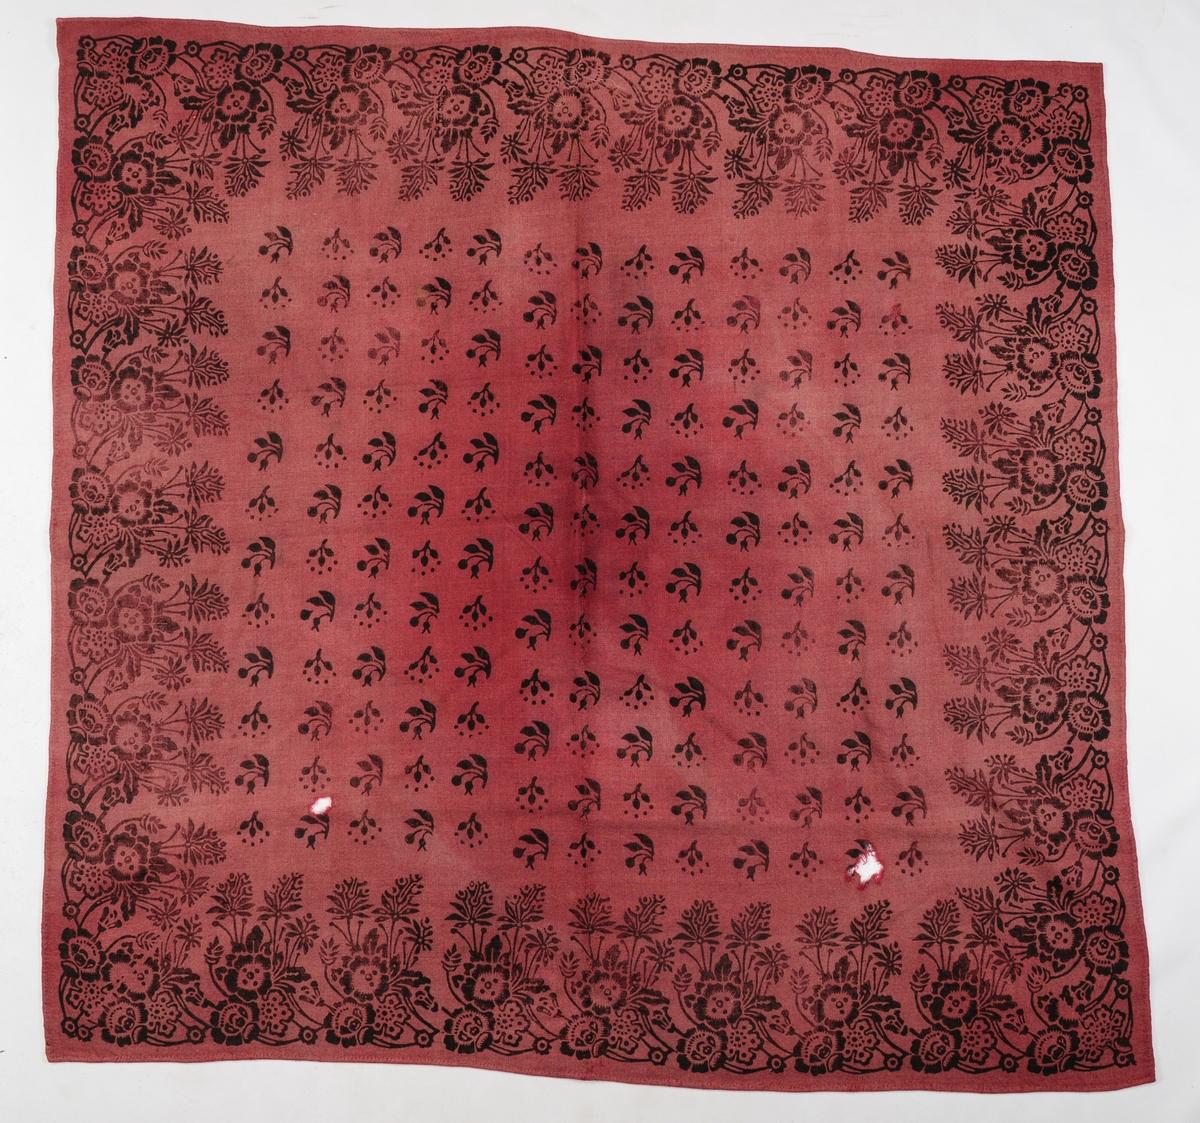 Bordduk i raud-lilla kypertvove ulltøy. Sett saman av to stykker, med saum på midten. Trykt mønster med svart farge. Mønsteret er ein blomsterkant langs kantane, og små blomster motiv på midten. Falma på framsida. To små hol i eine enden. Falda rundt for hand.